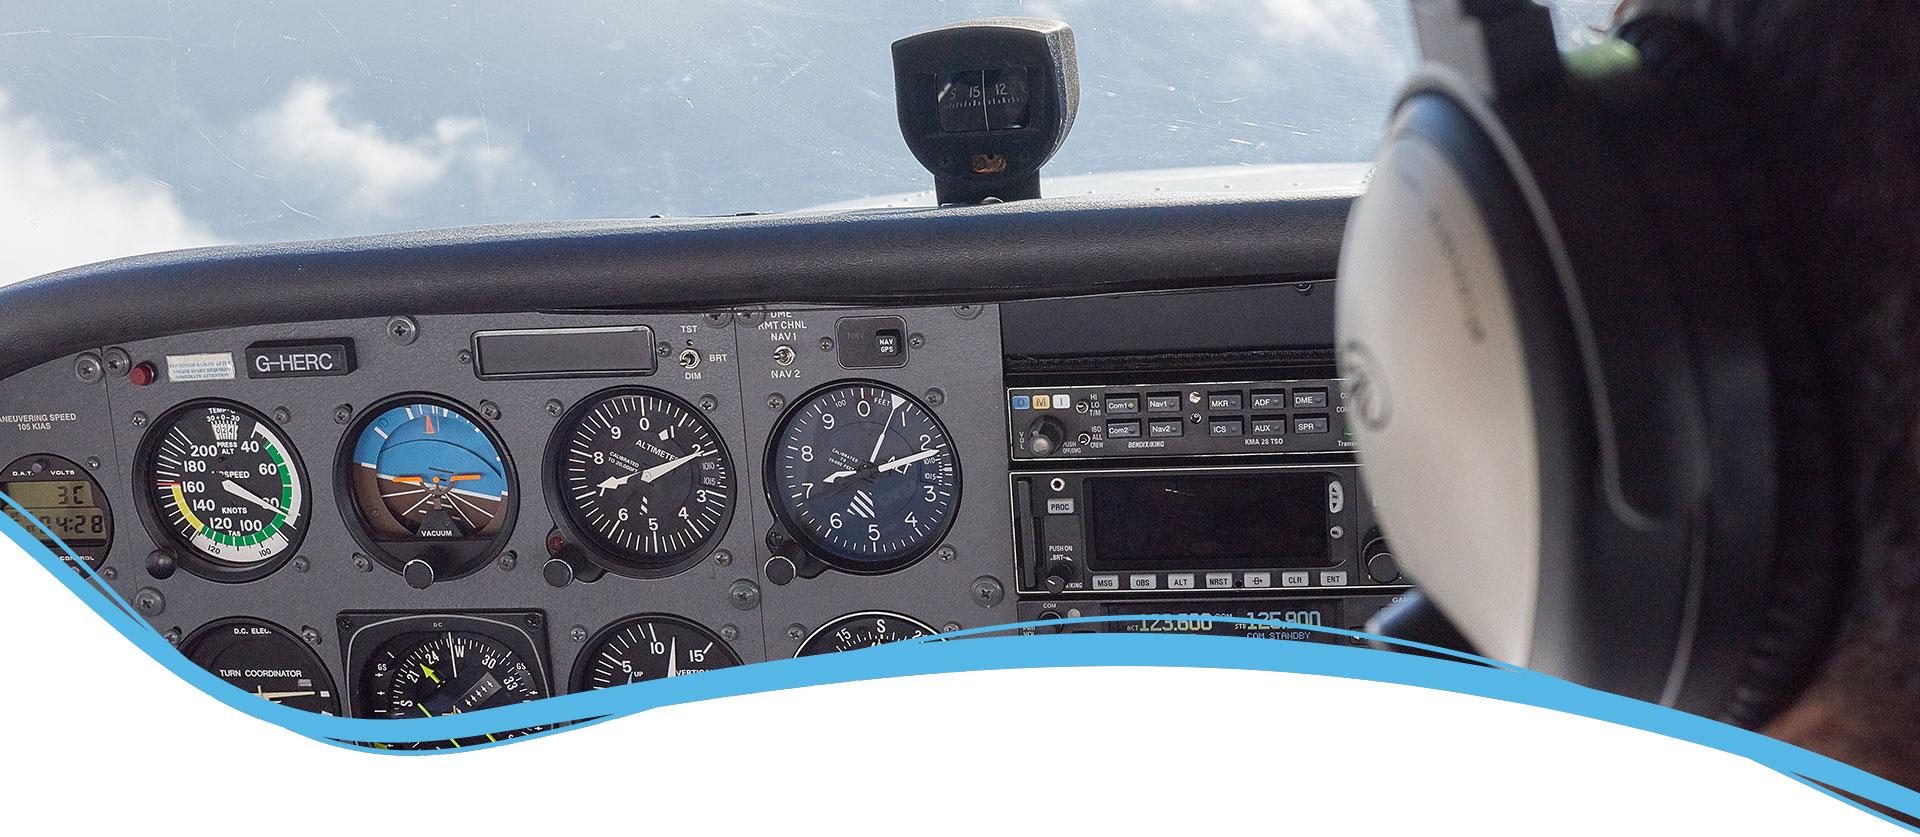 Flying Training